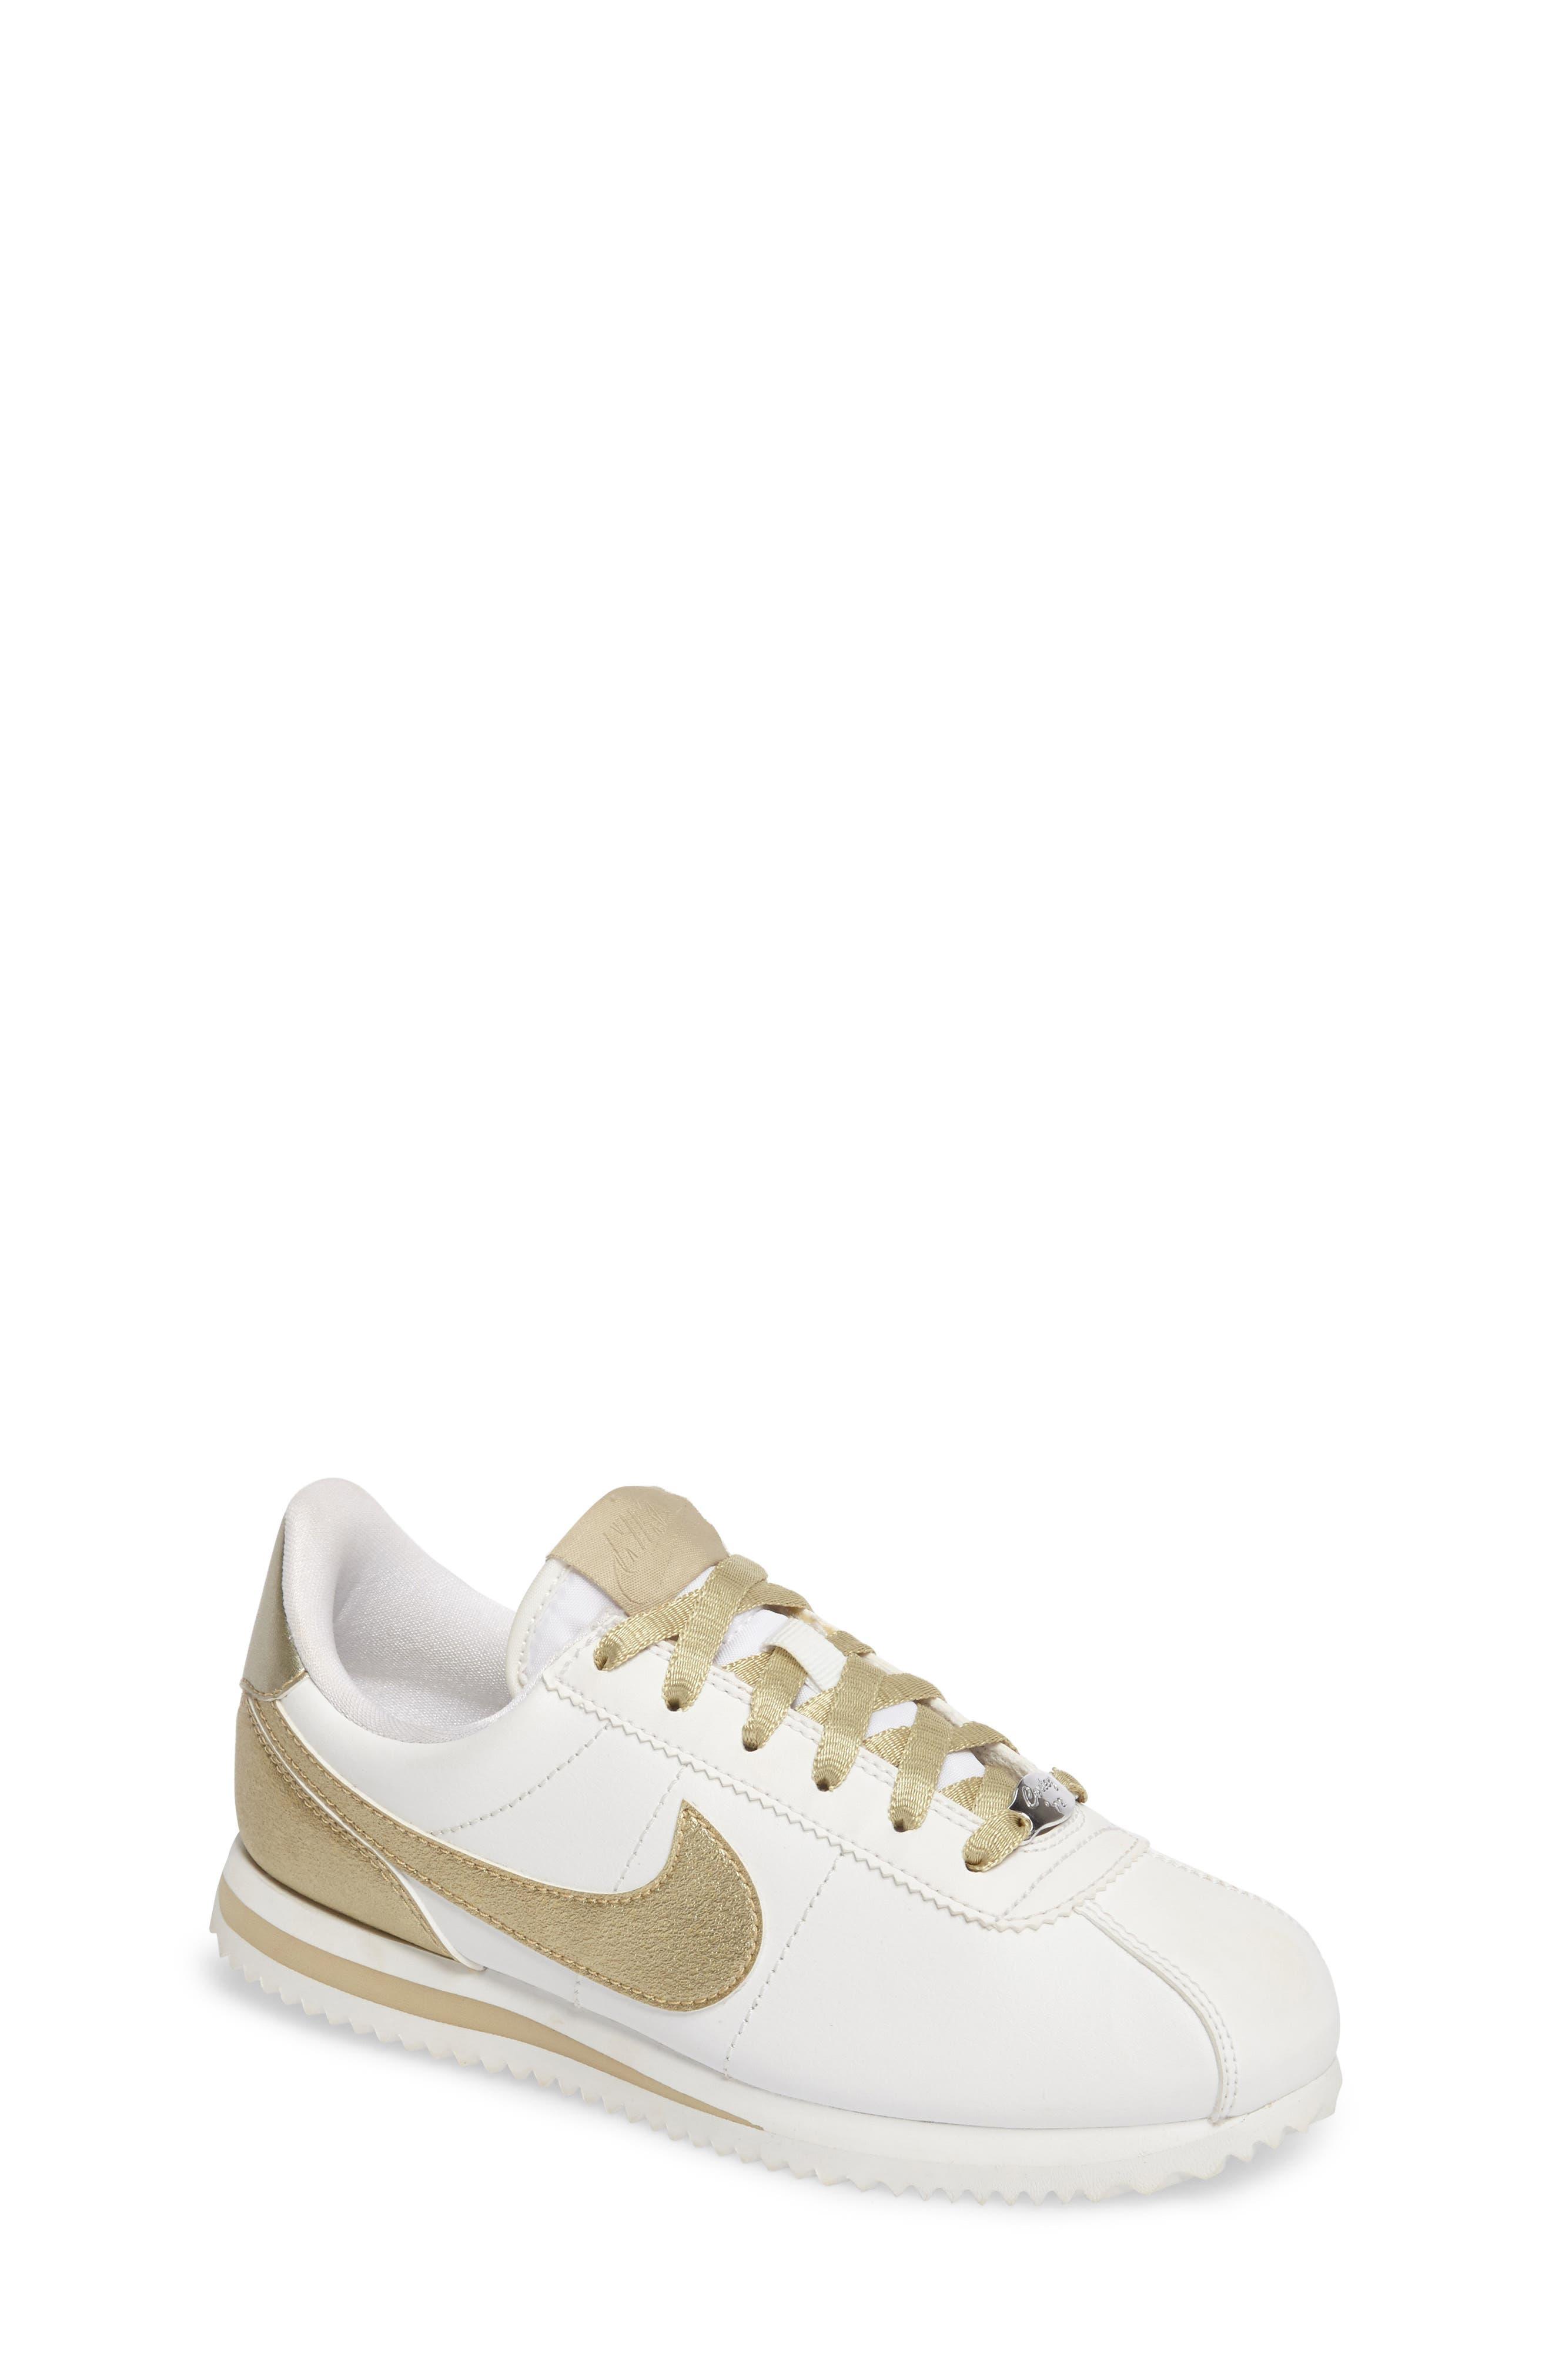 Cortez Basic SE Sneaker,                         Main,                         color, 101